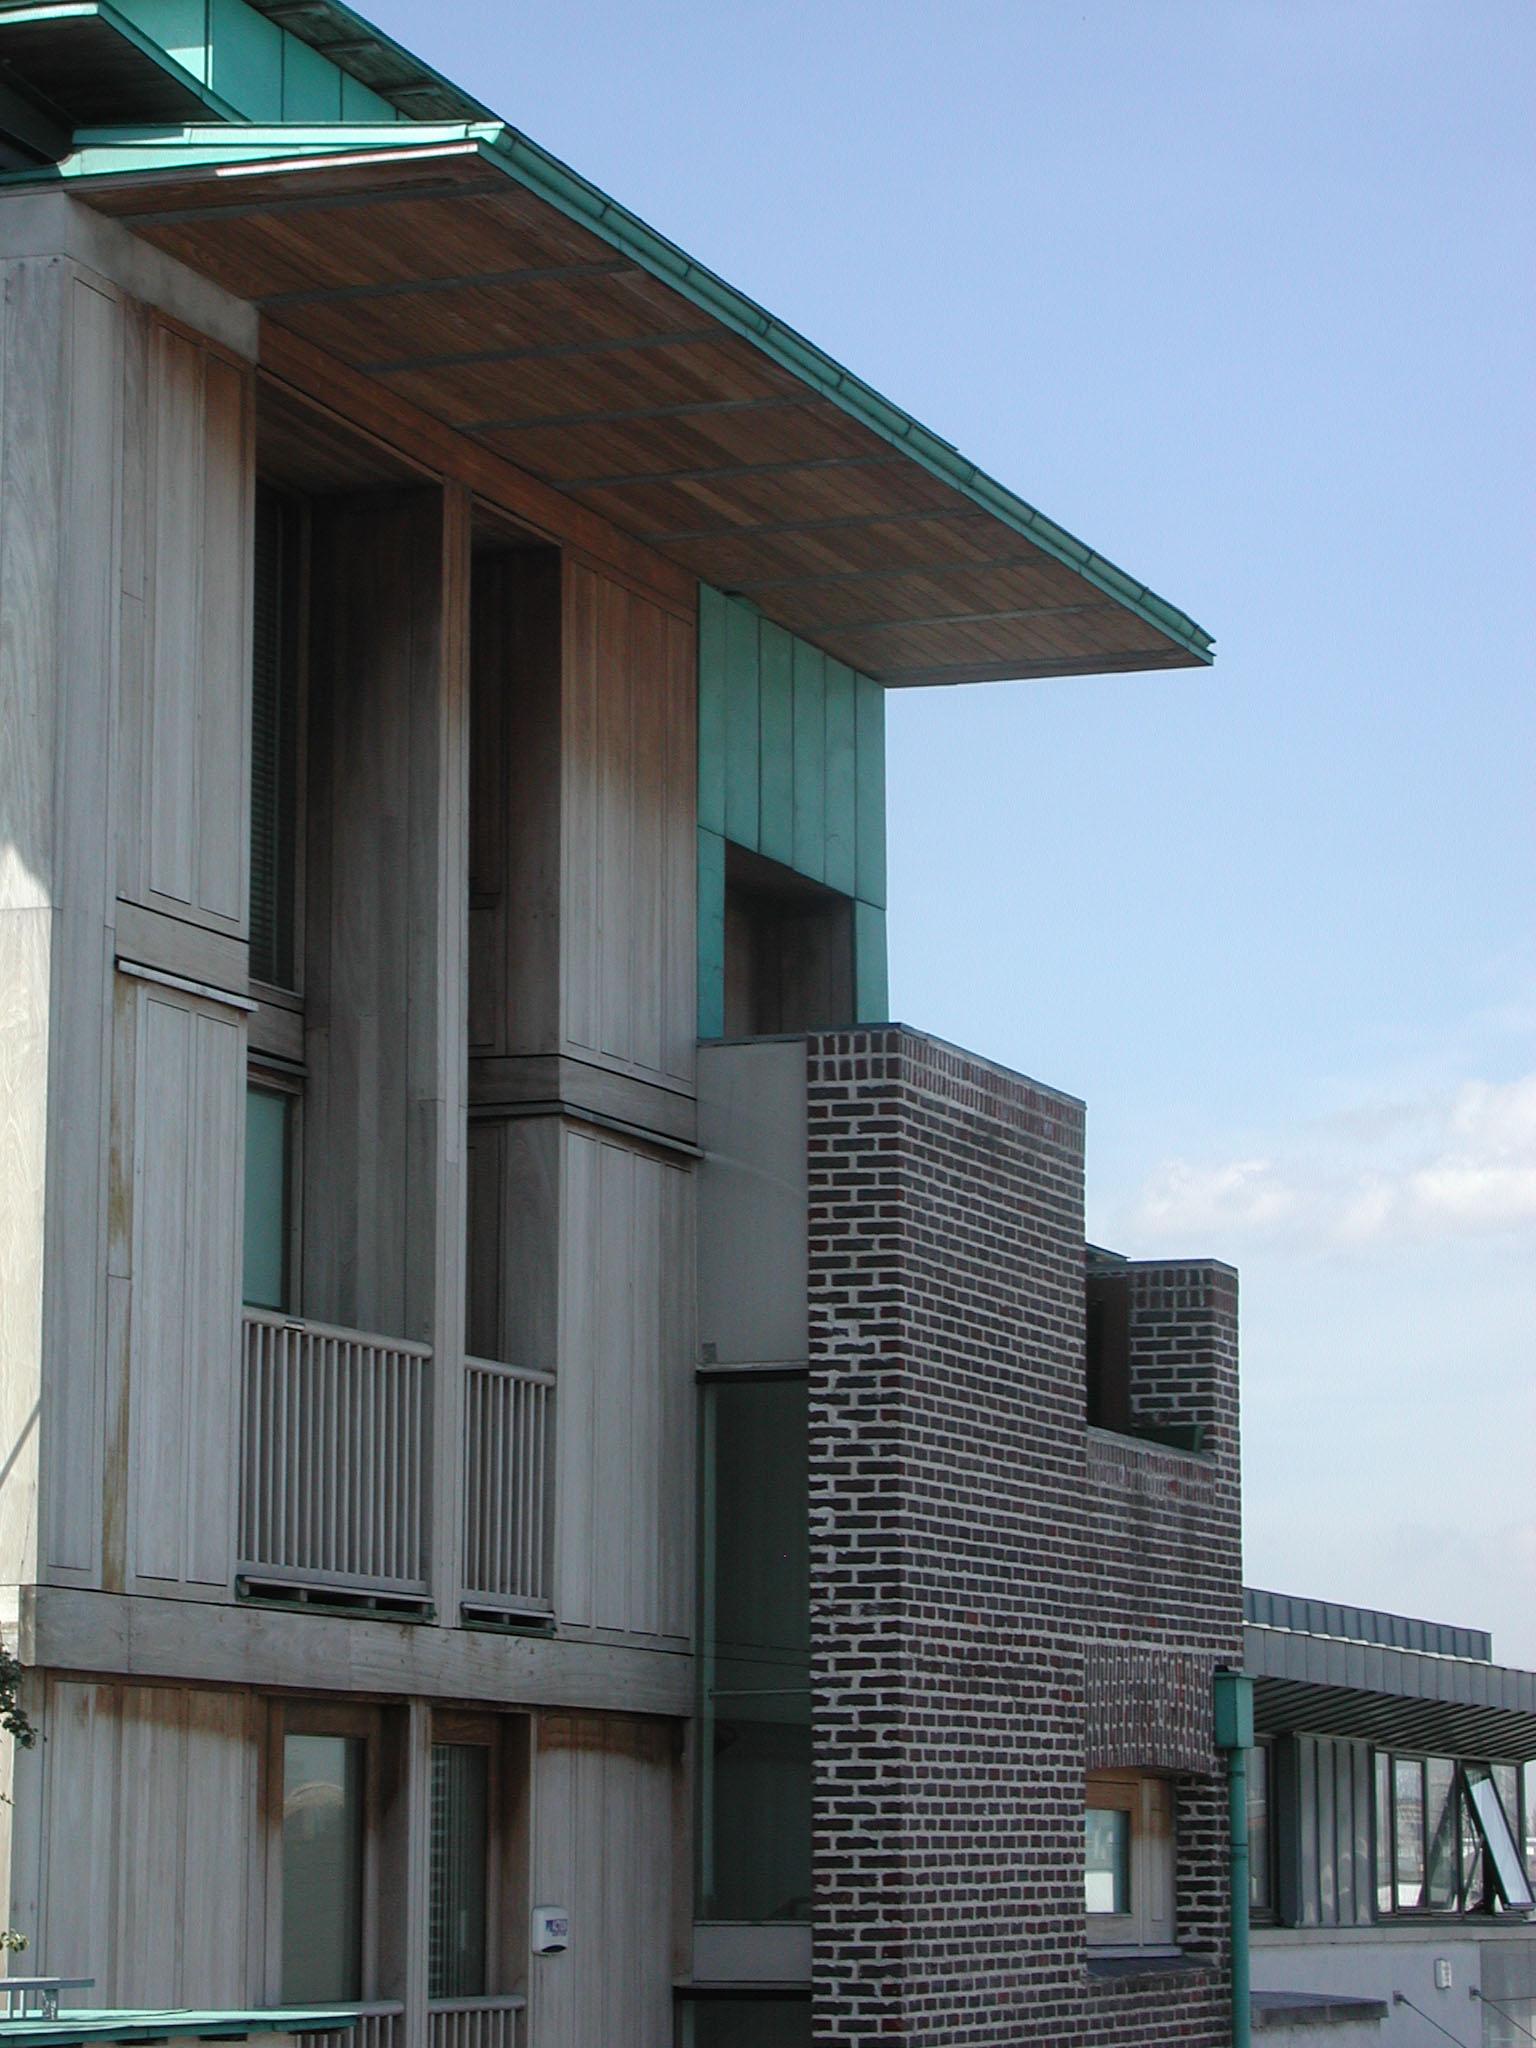 Wooden Building 2